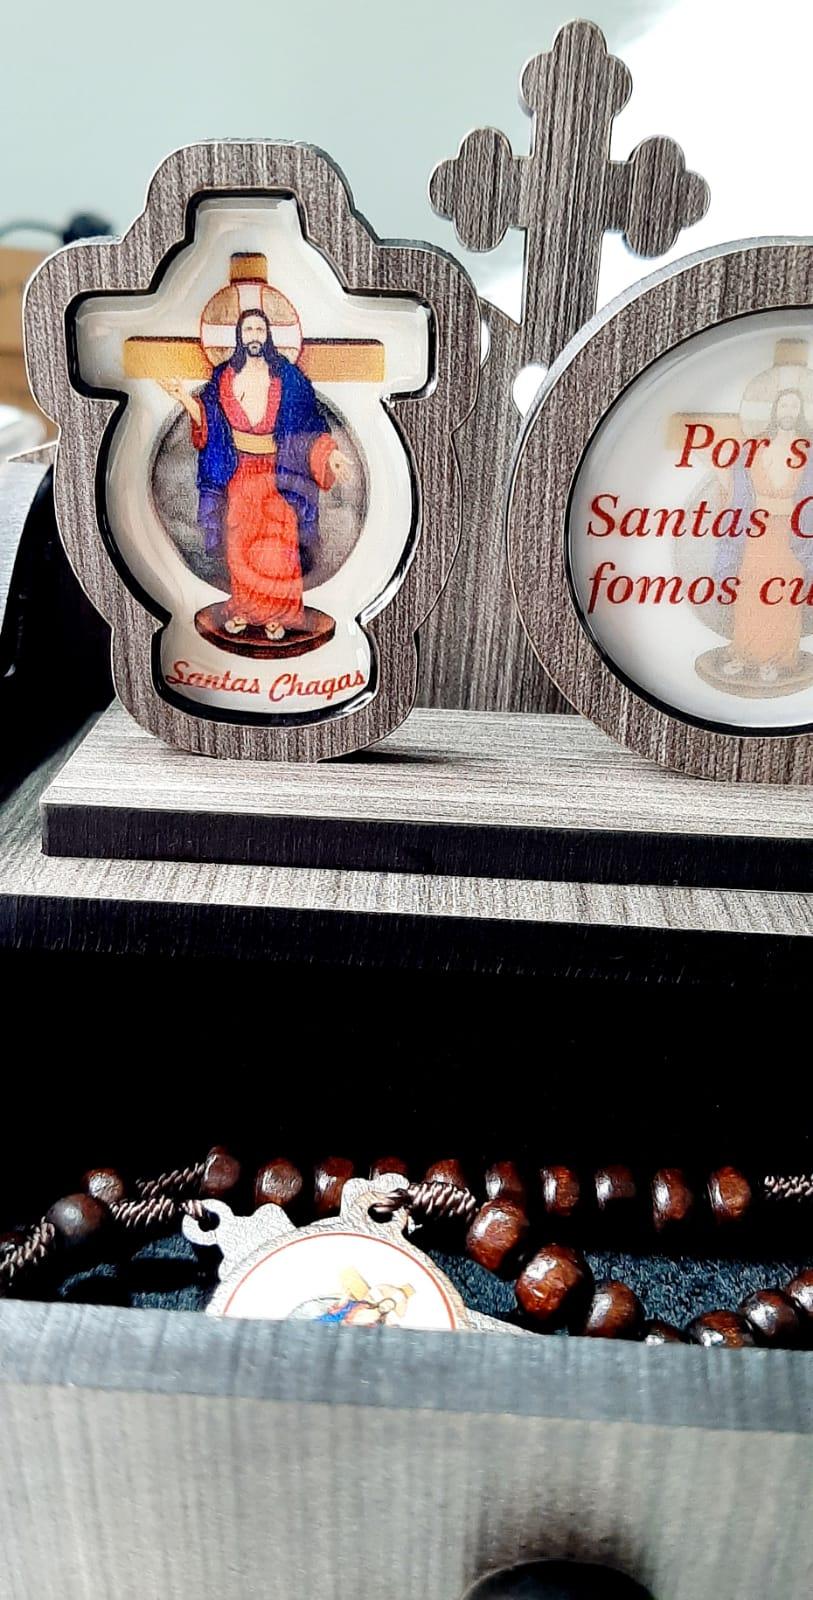 Oratório Personalizado com Gaveta e Terço - Santas Chagas